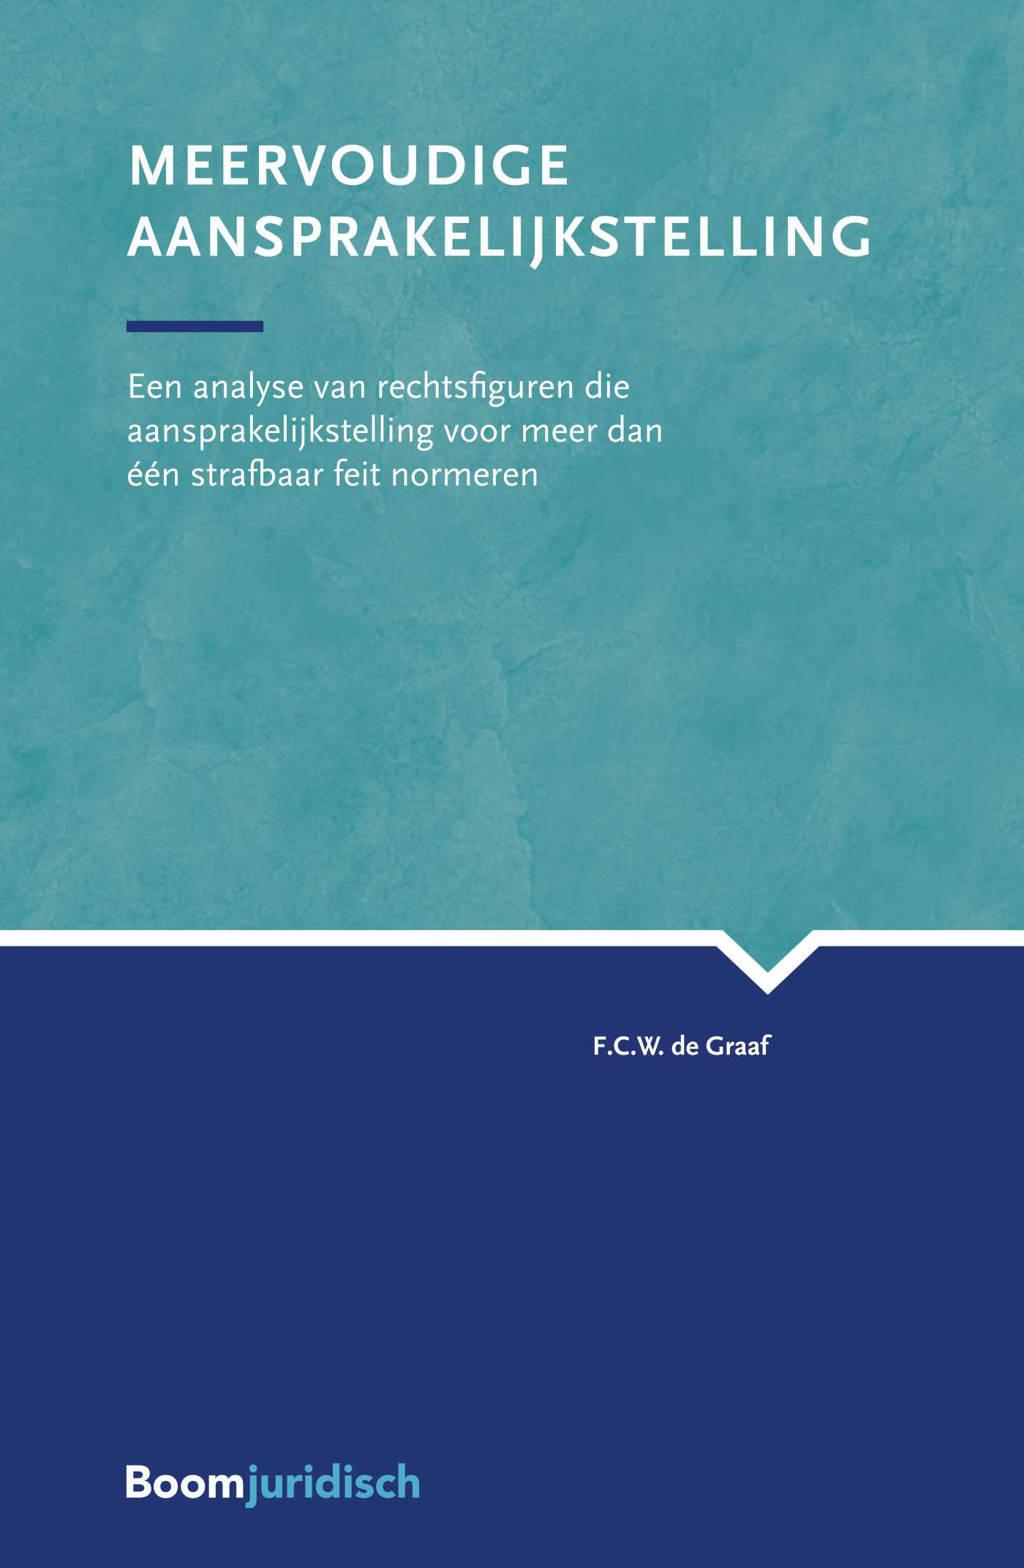 VU-strafrechtreeks: Meervoudige aansprakelijkstelling - F.C.W. de Graaf